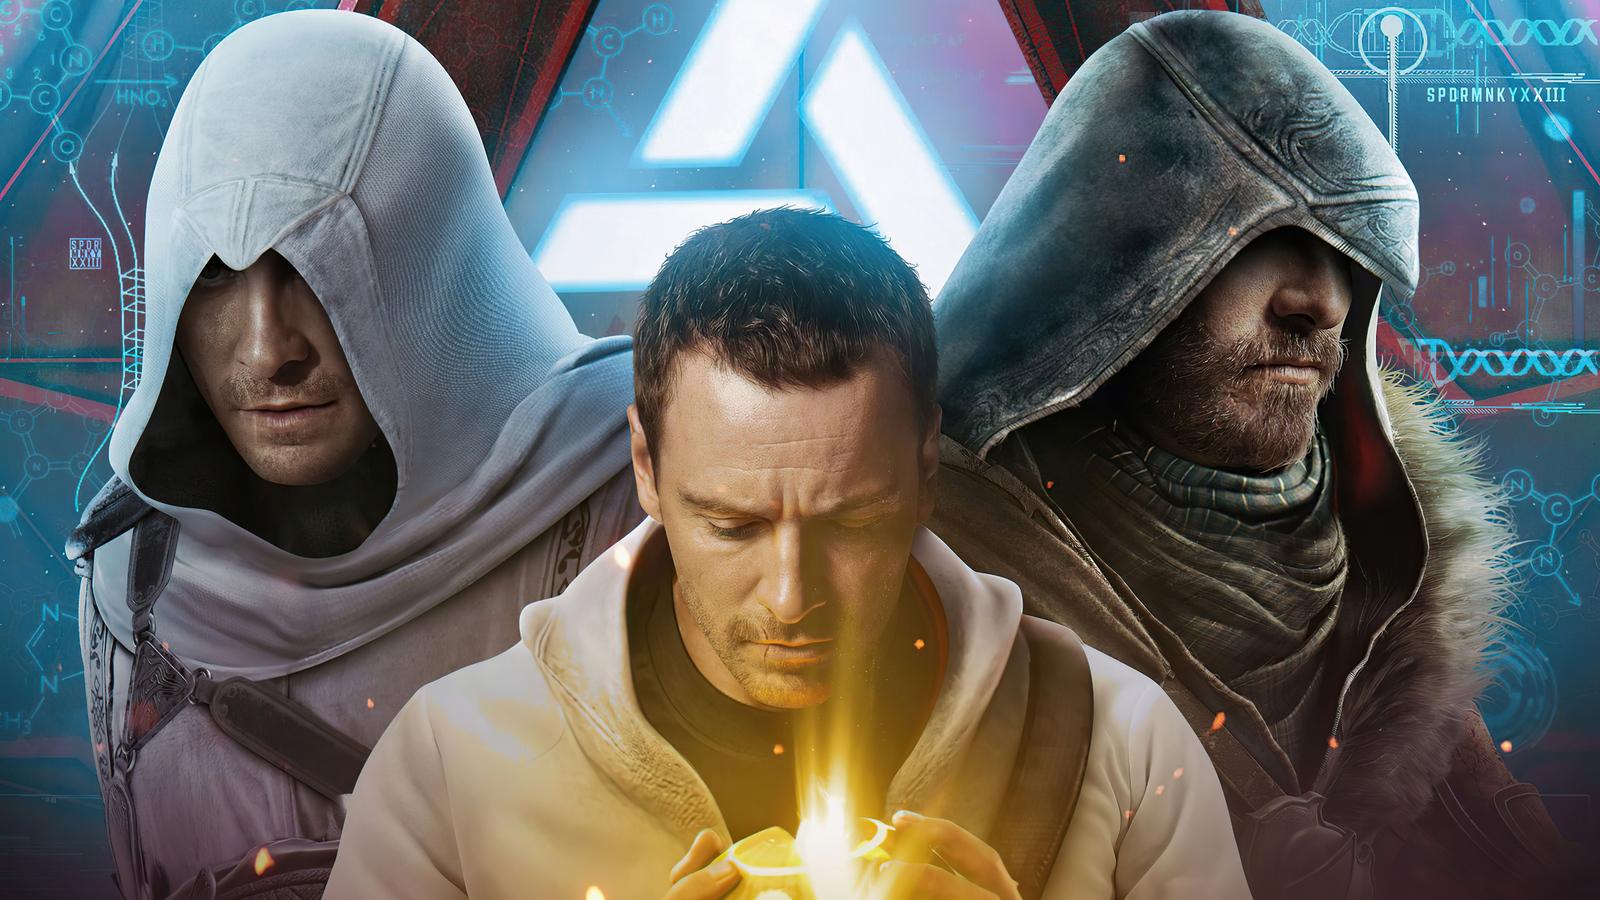 assassins-creed-netflix-series-4k-bg.jpg